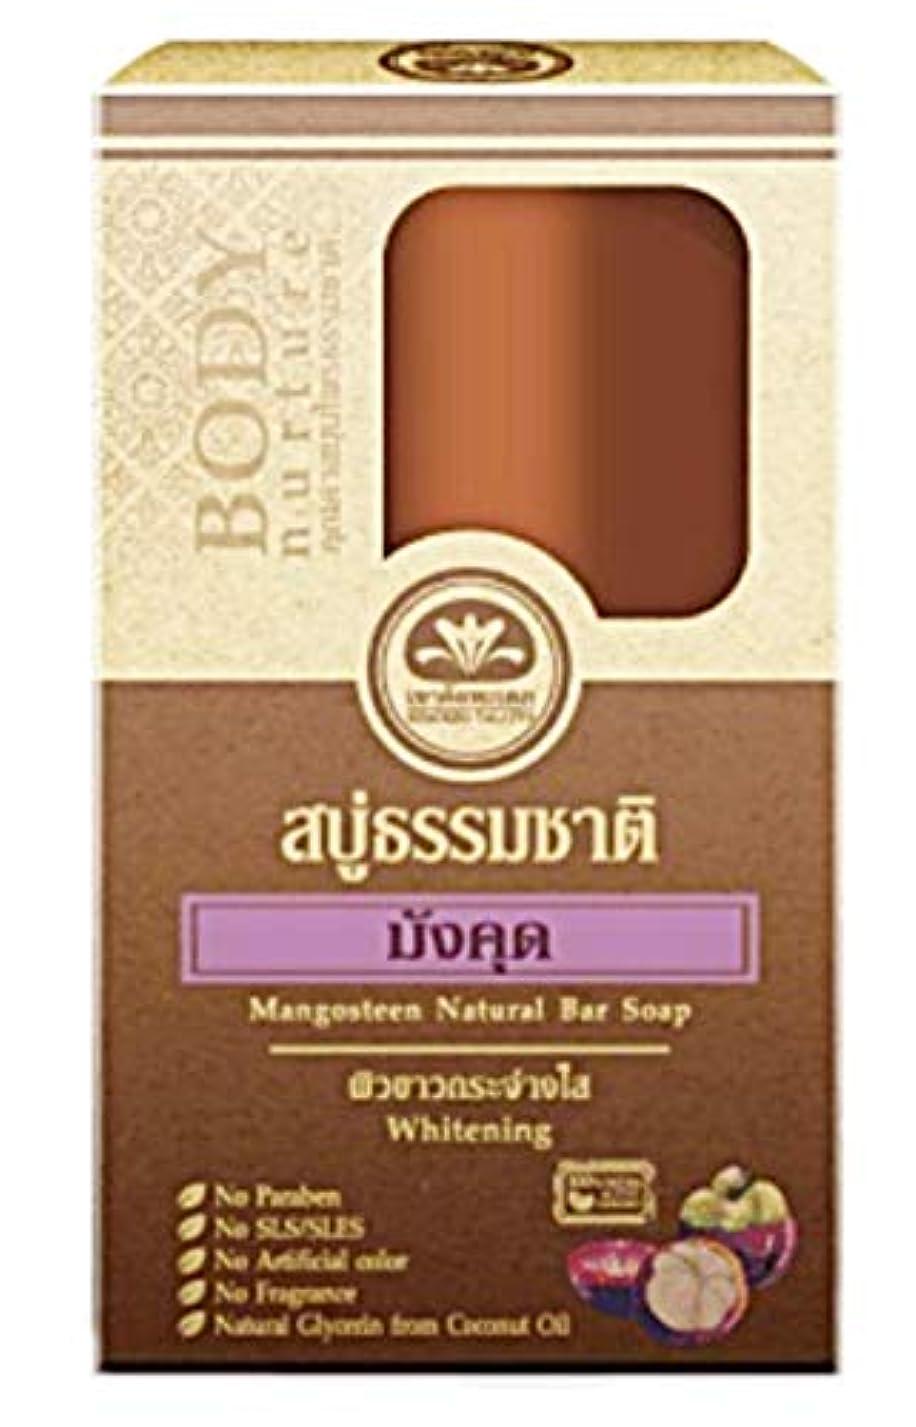 葡萄貫通するまでMangosteen Mangosutin マンゴスチン石鹸 Natural Bar Soap Reduce Black spots Whitening Skin Soap 80 grams.